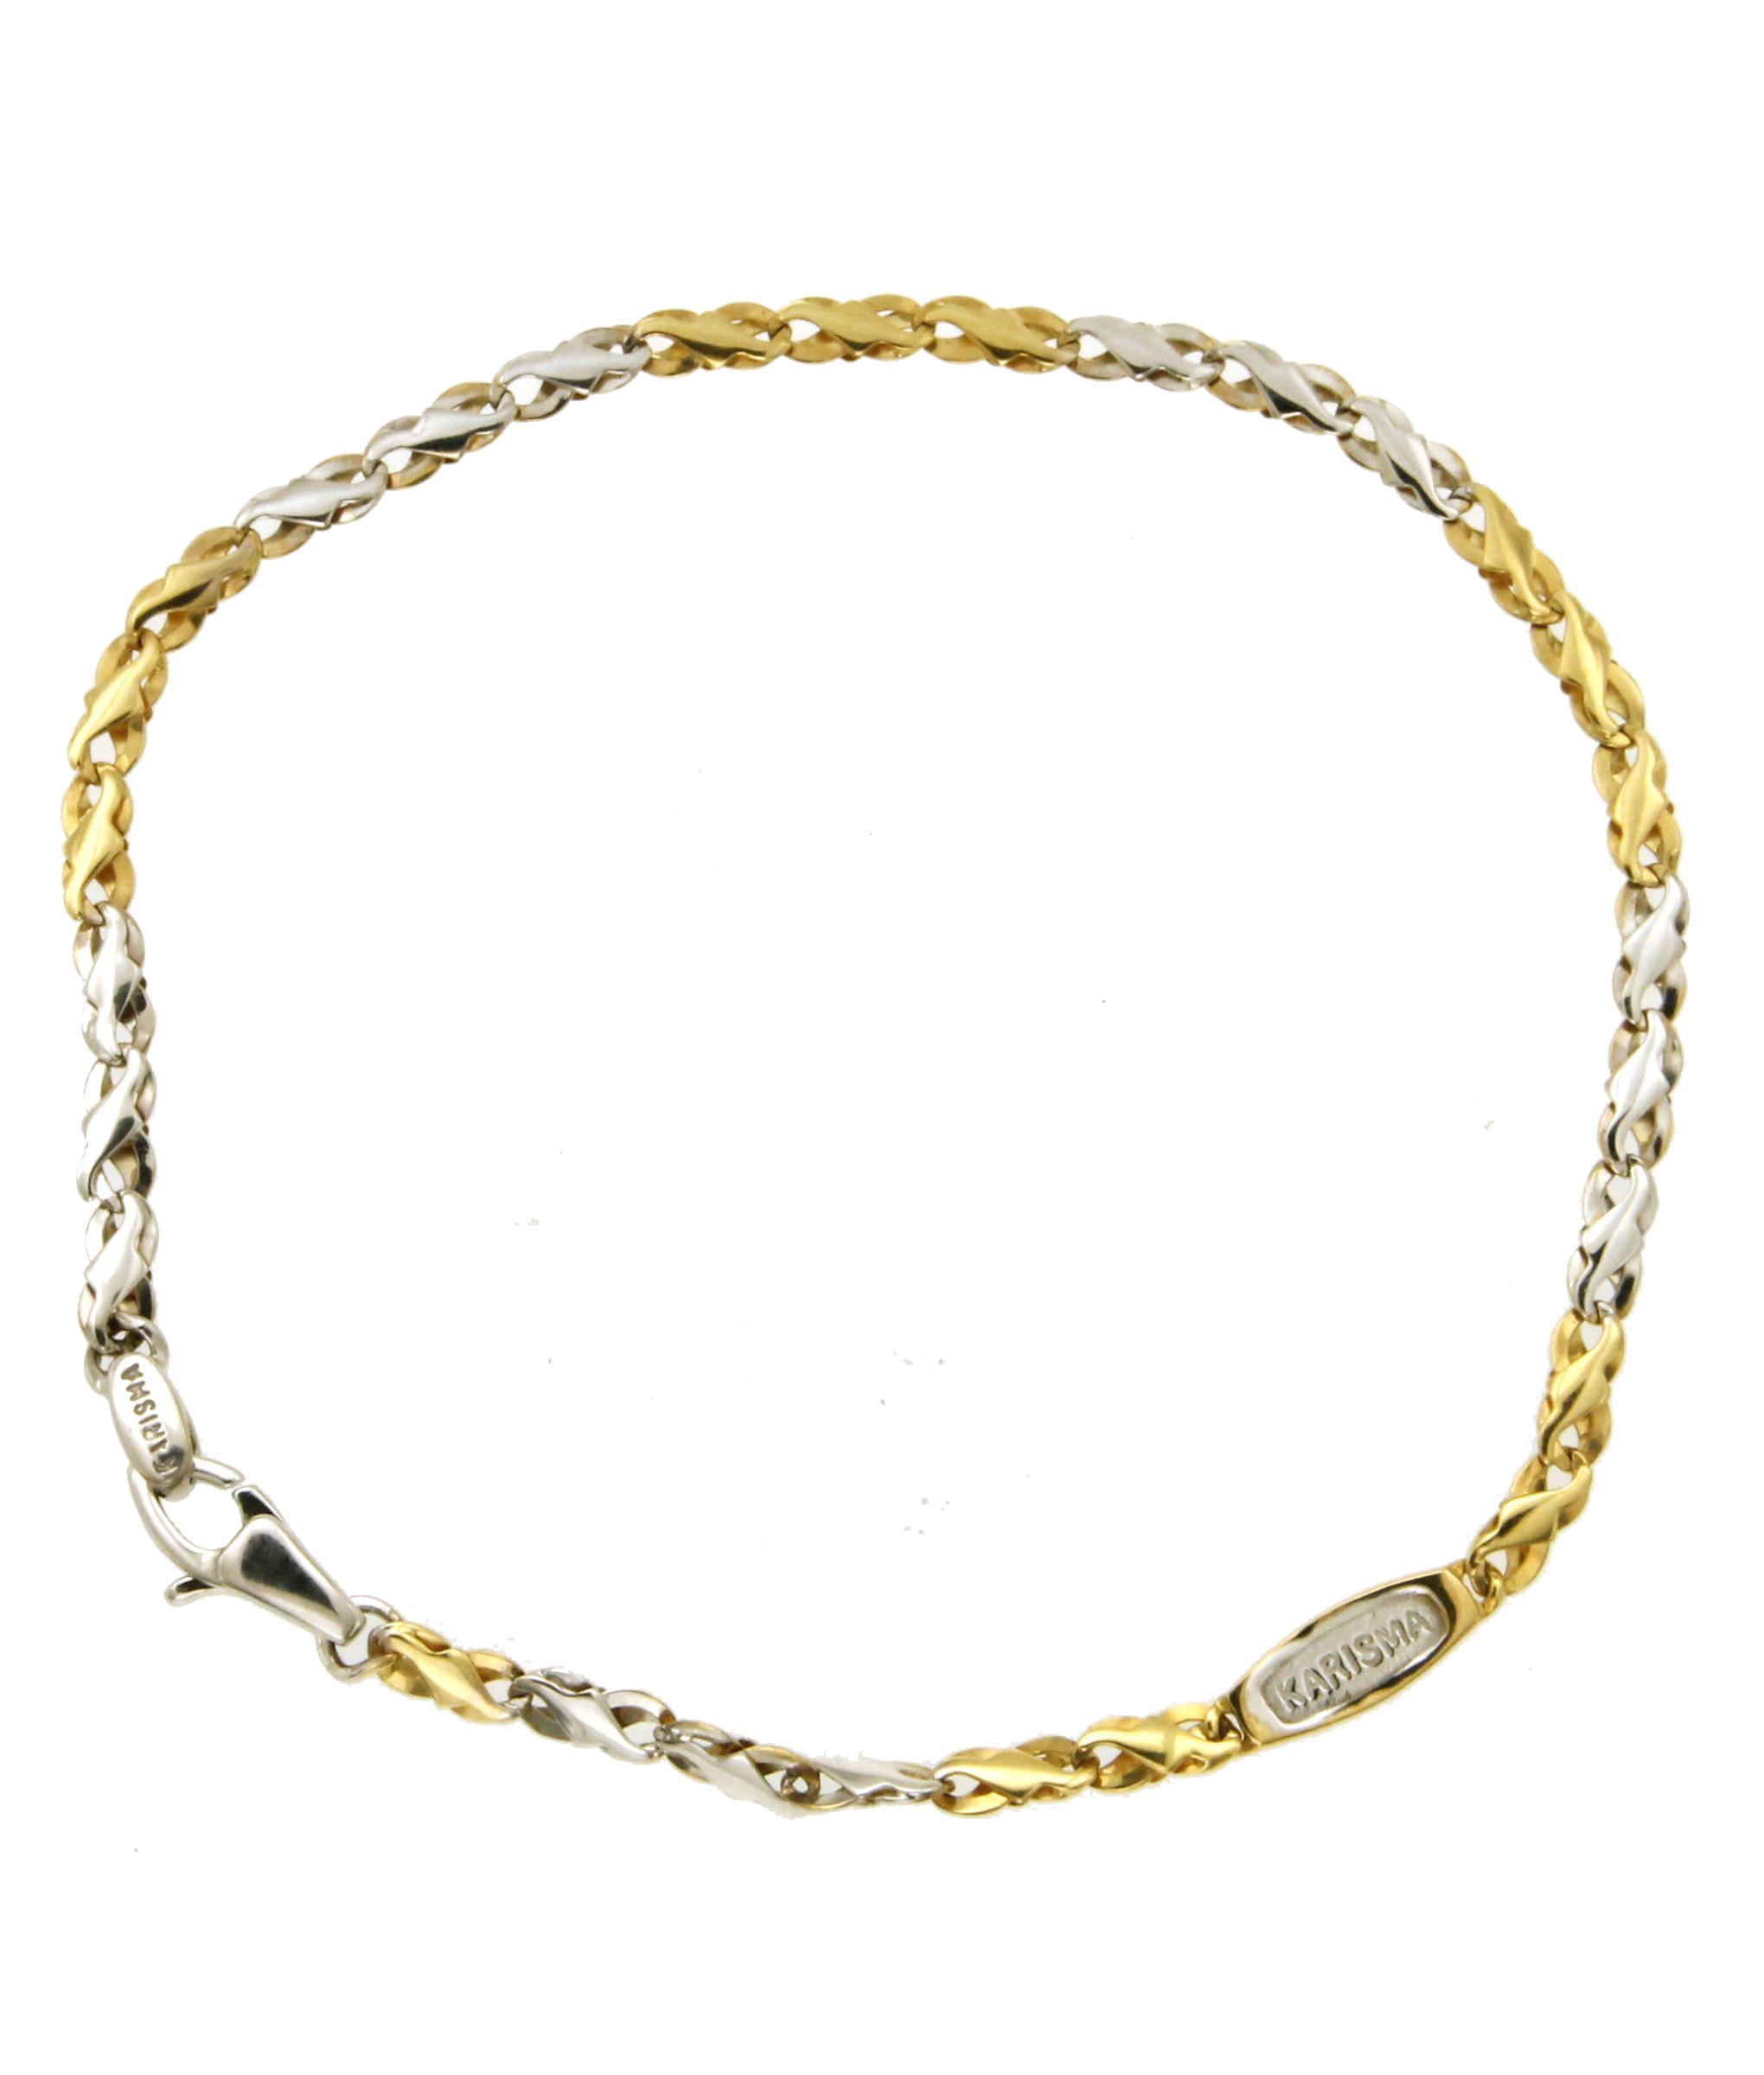 a basso prezzo 91e99 f6018 Bracciale in oro giallo e oro bianco